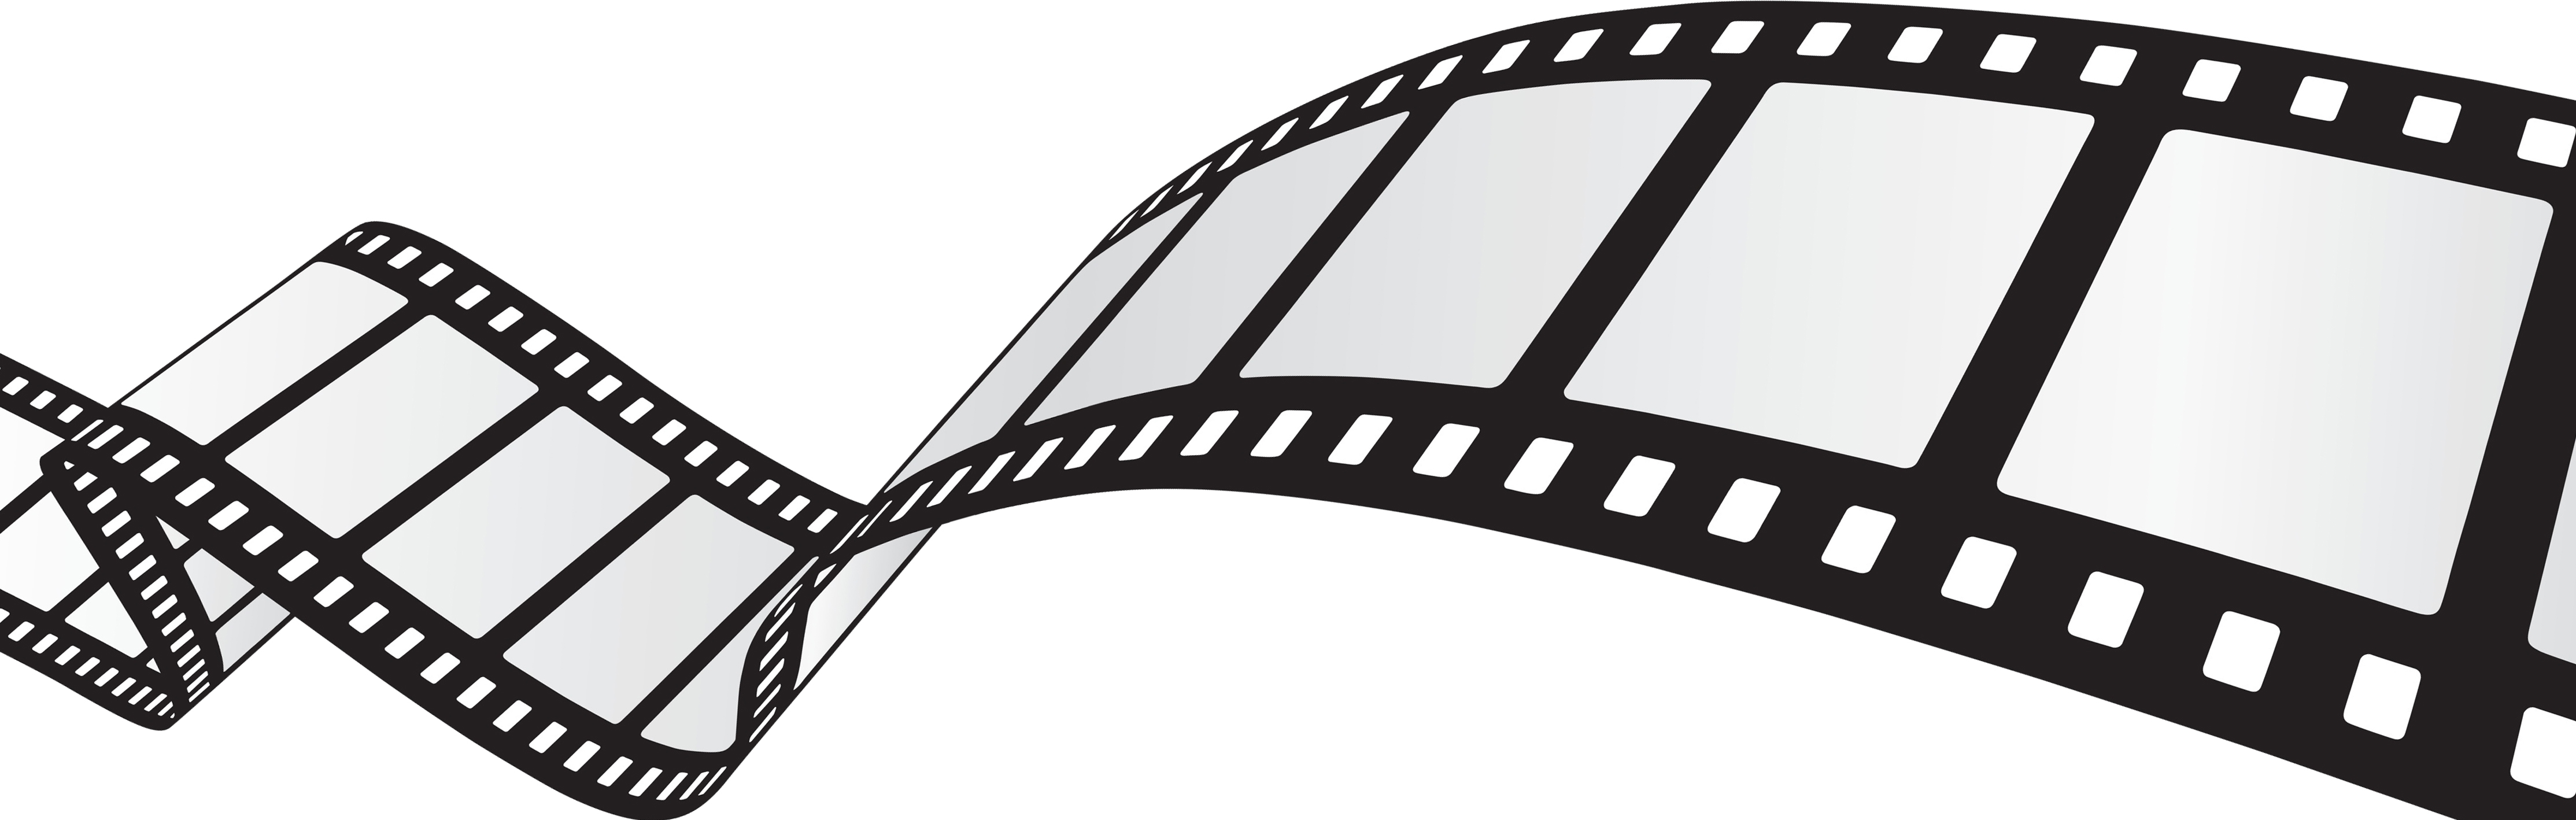 Movie Film Clipart Best